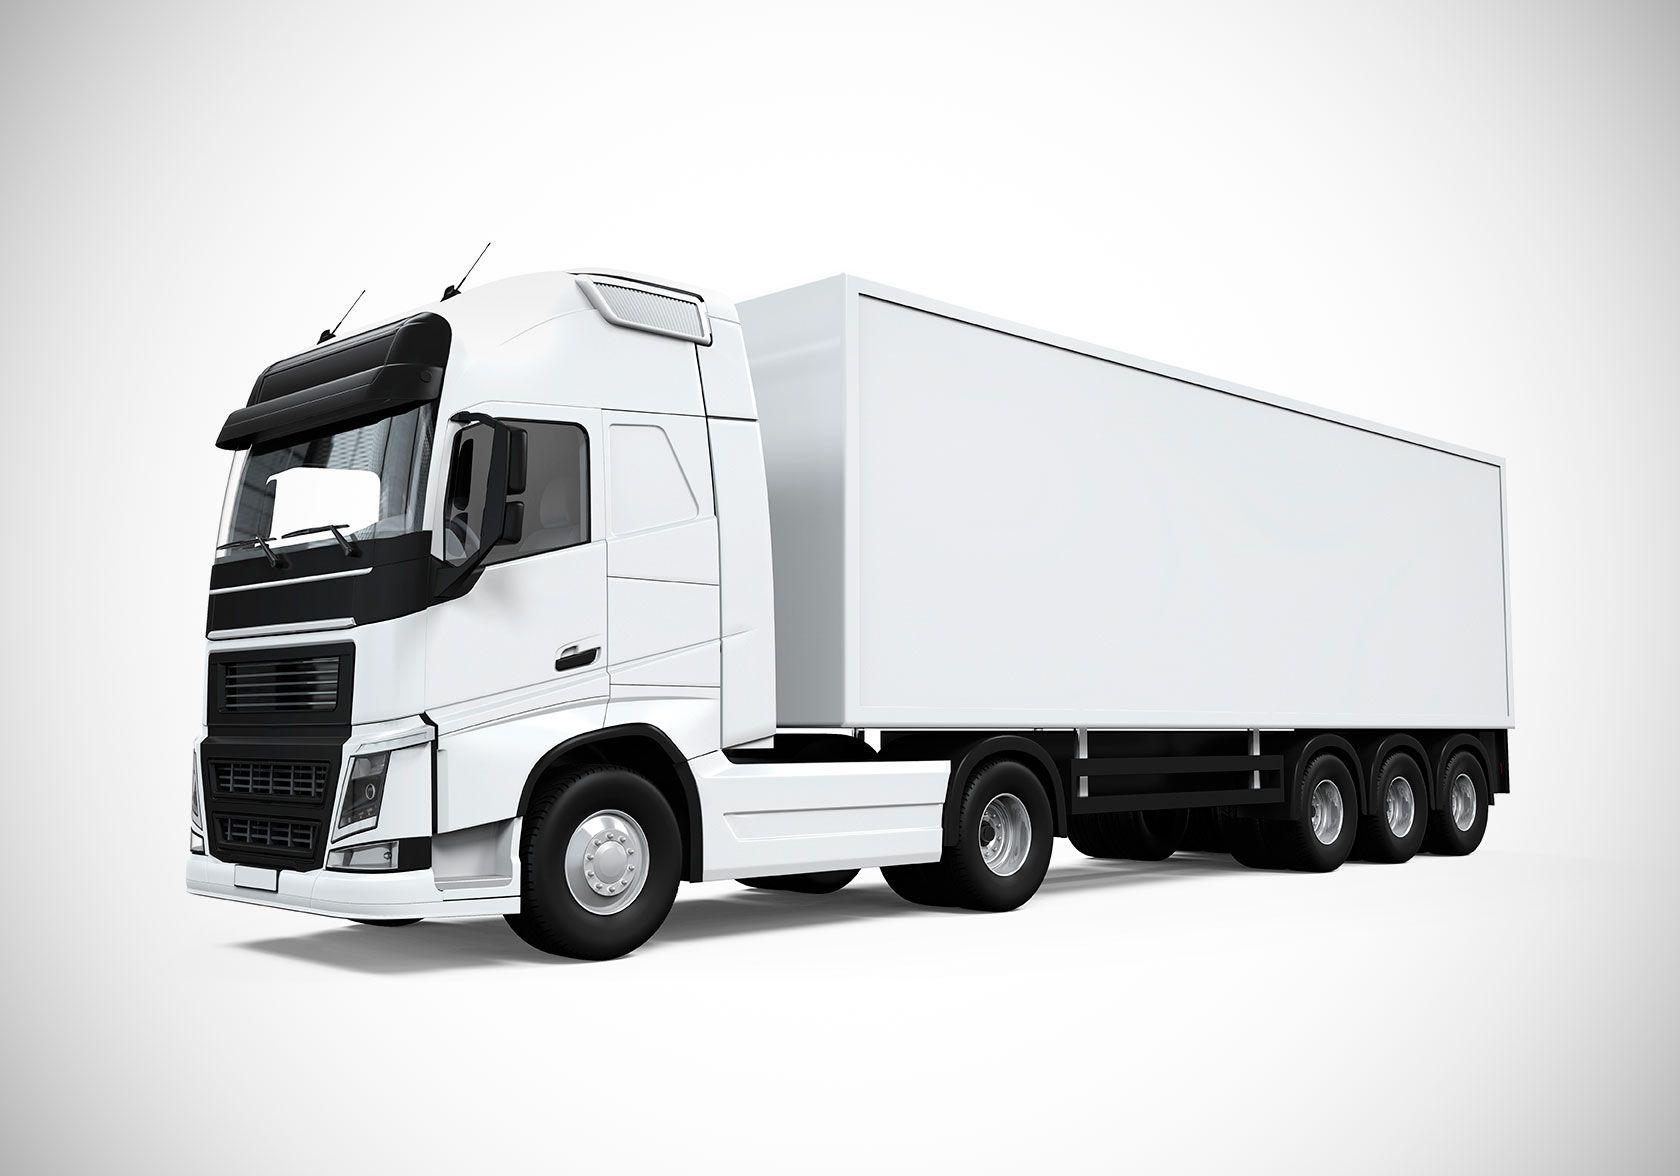 camion portada platinum